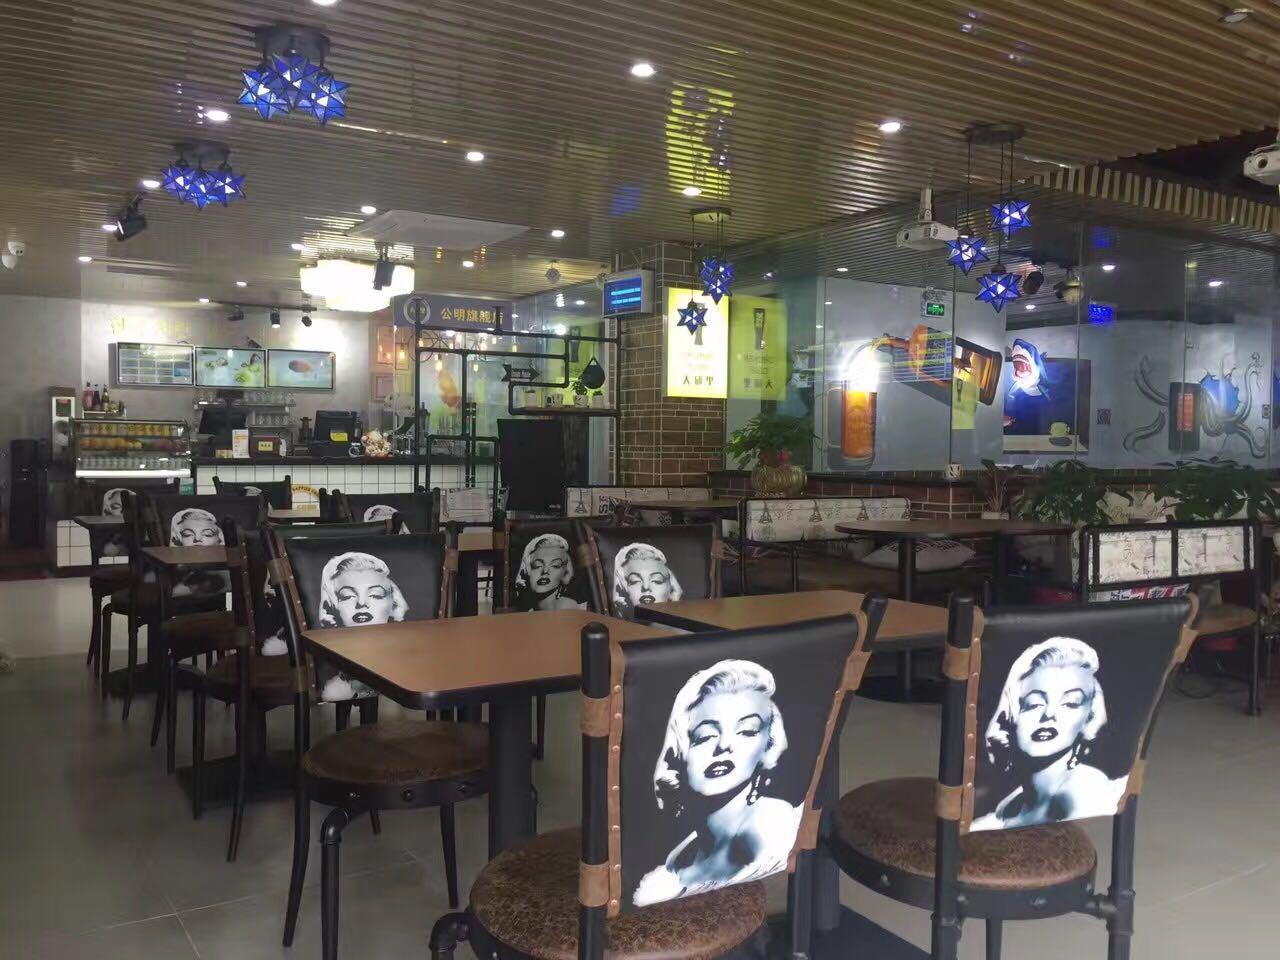 餐饮业门店如何突破?创意装修风格